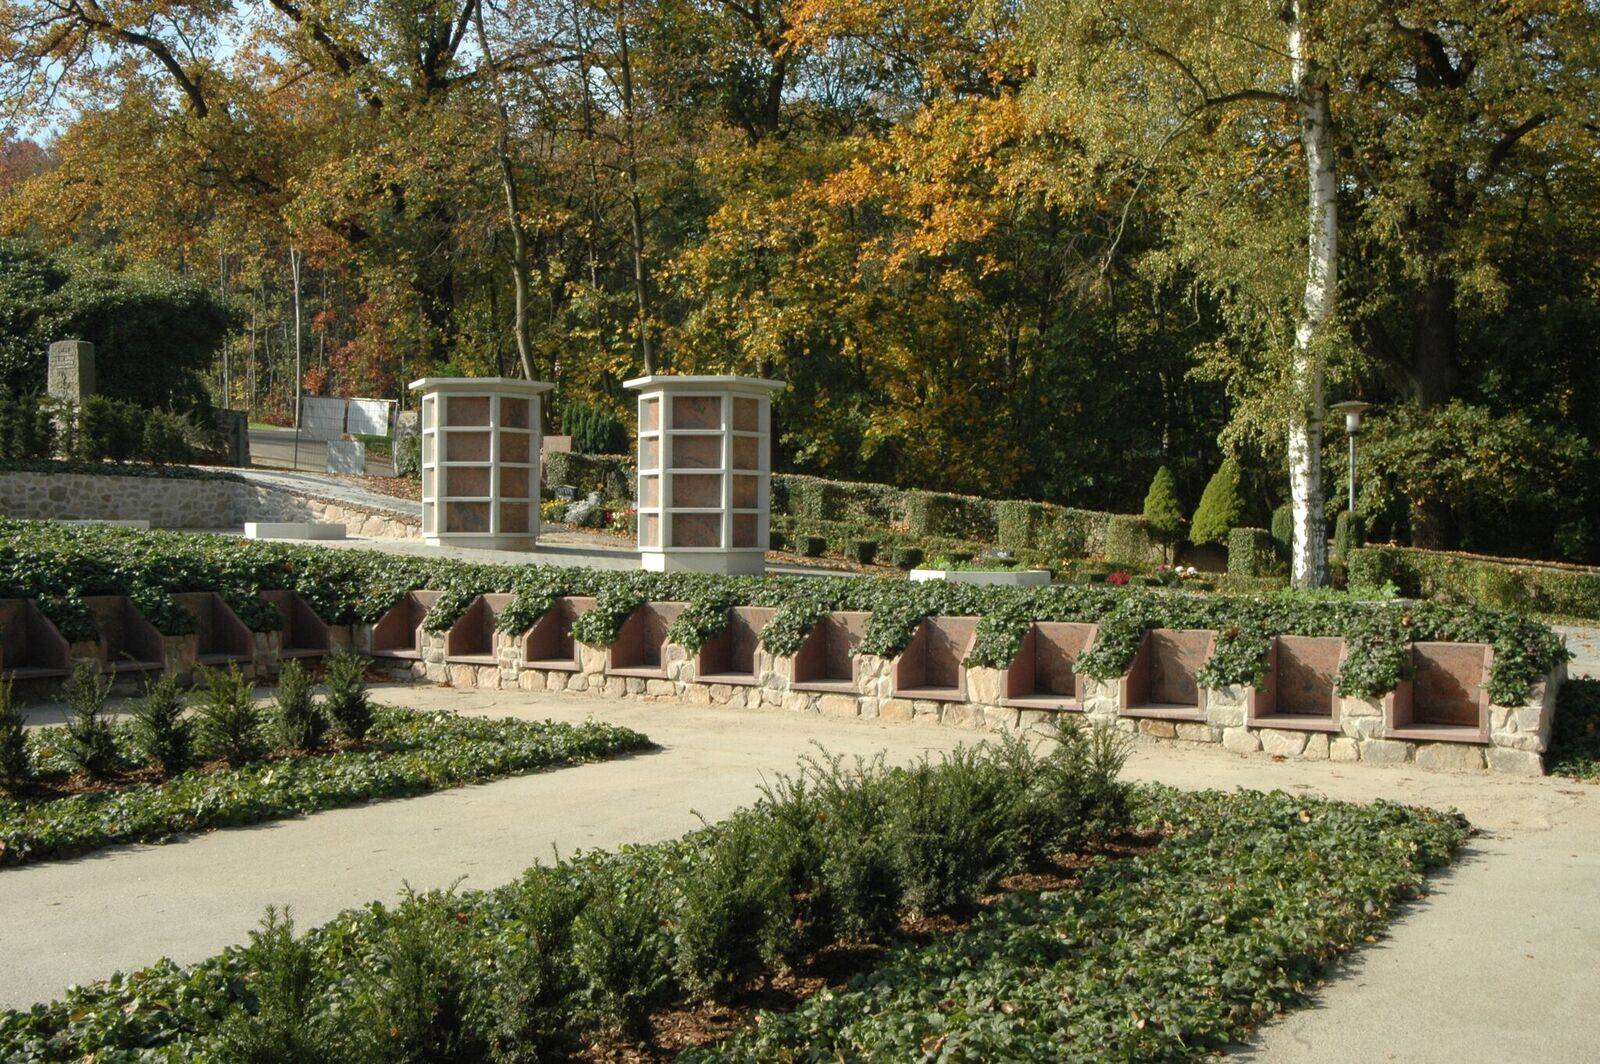 Urnenbegraafplaats crematorium Döbeln covergreen